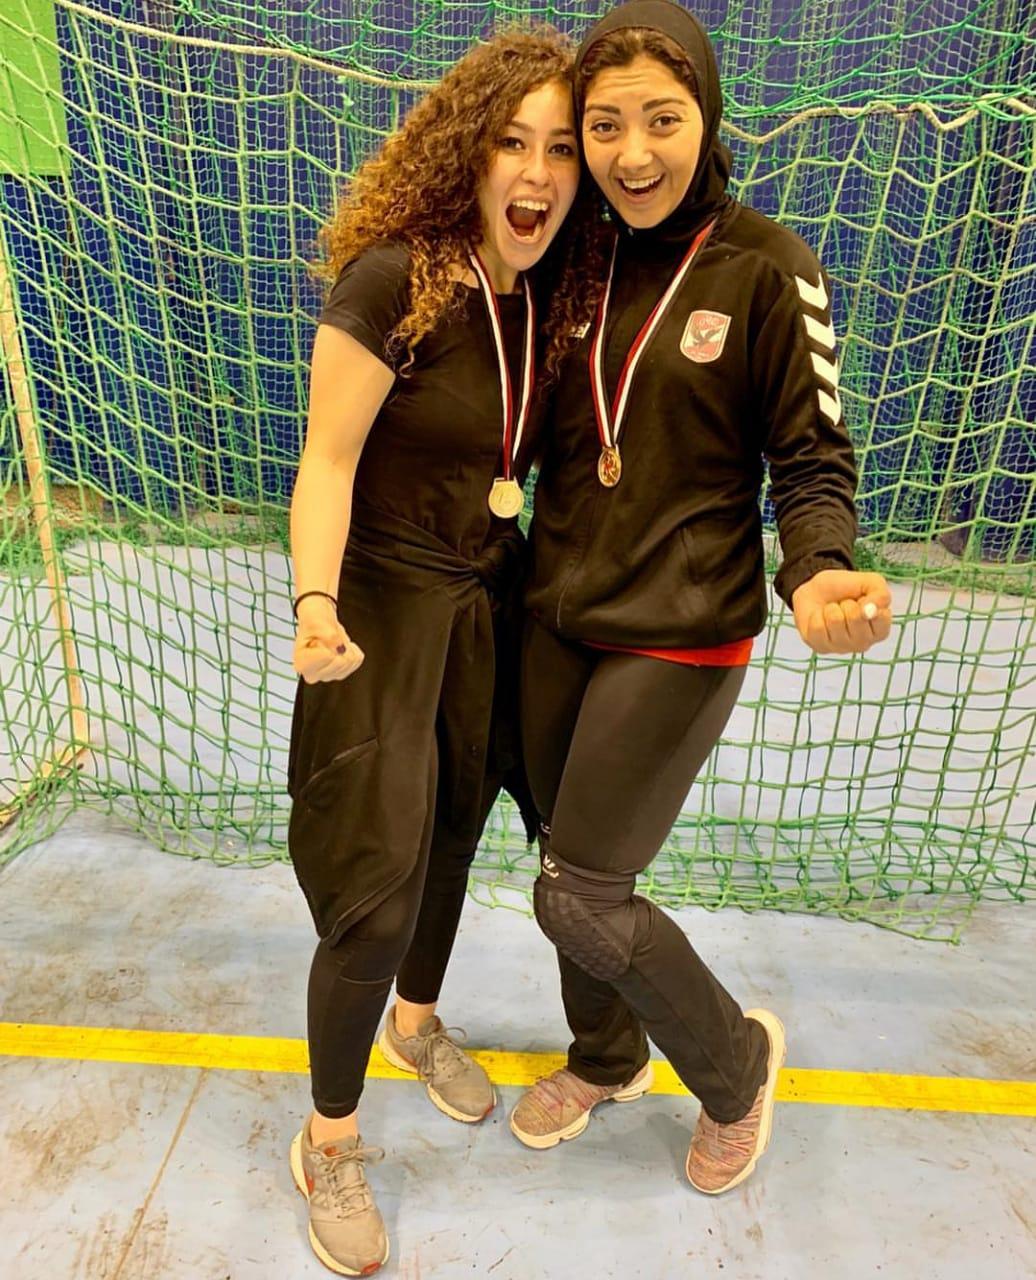 فريق الأهلى سيدات لكرة اليد (7)